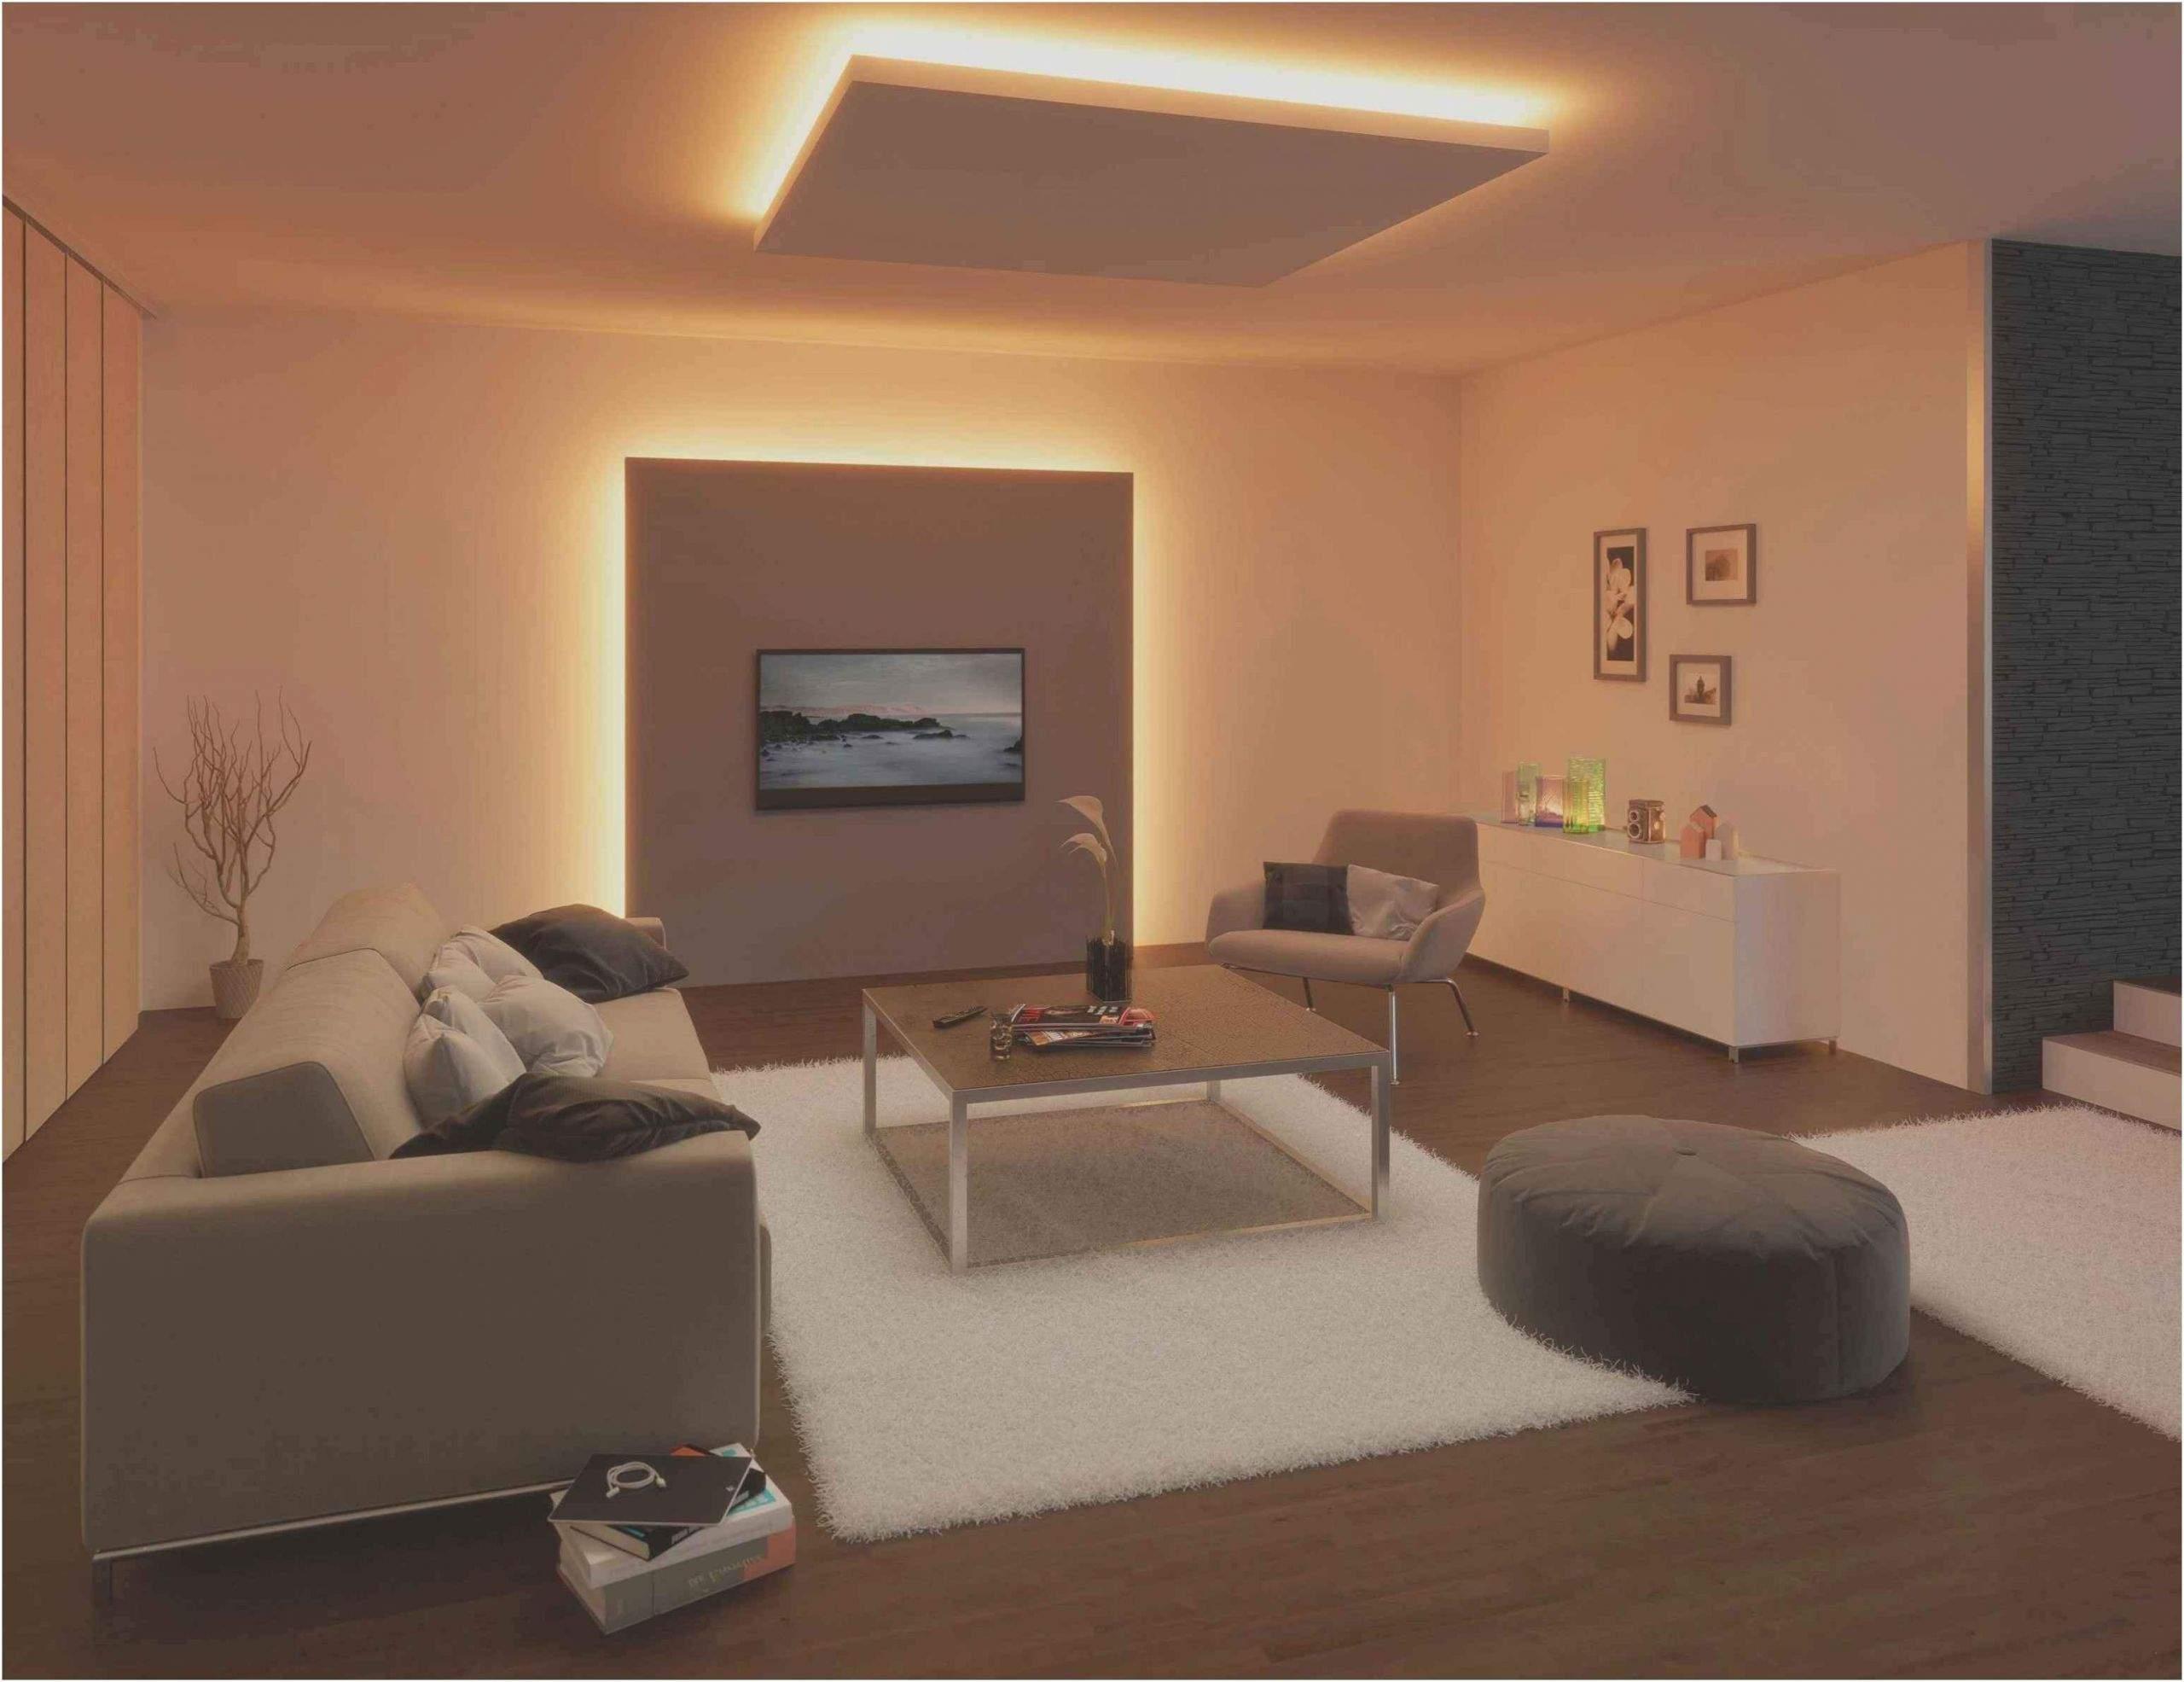 wohnzimmer wiesbaden das beste von 28 einzigartig das wohnzimmer wiesbaden of wohnzimmer wiesbaden scaled